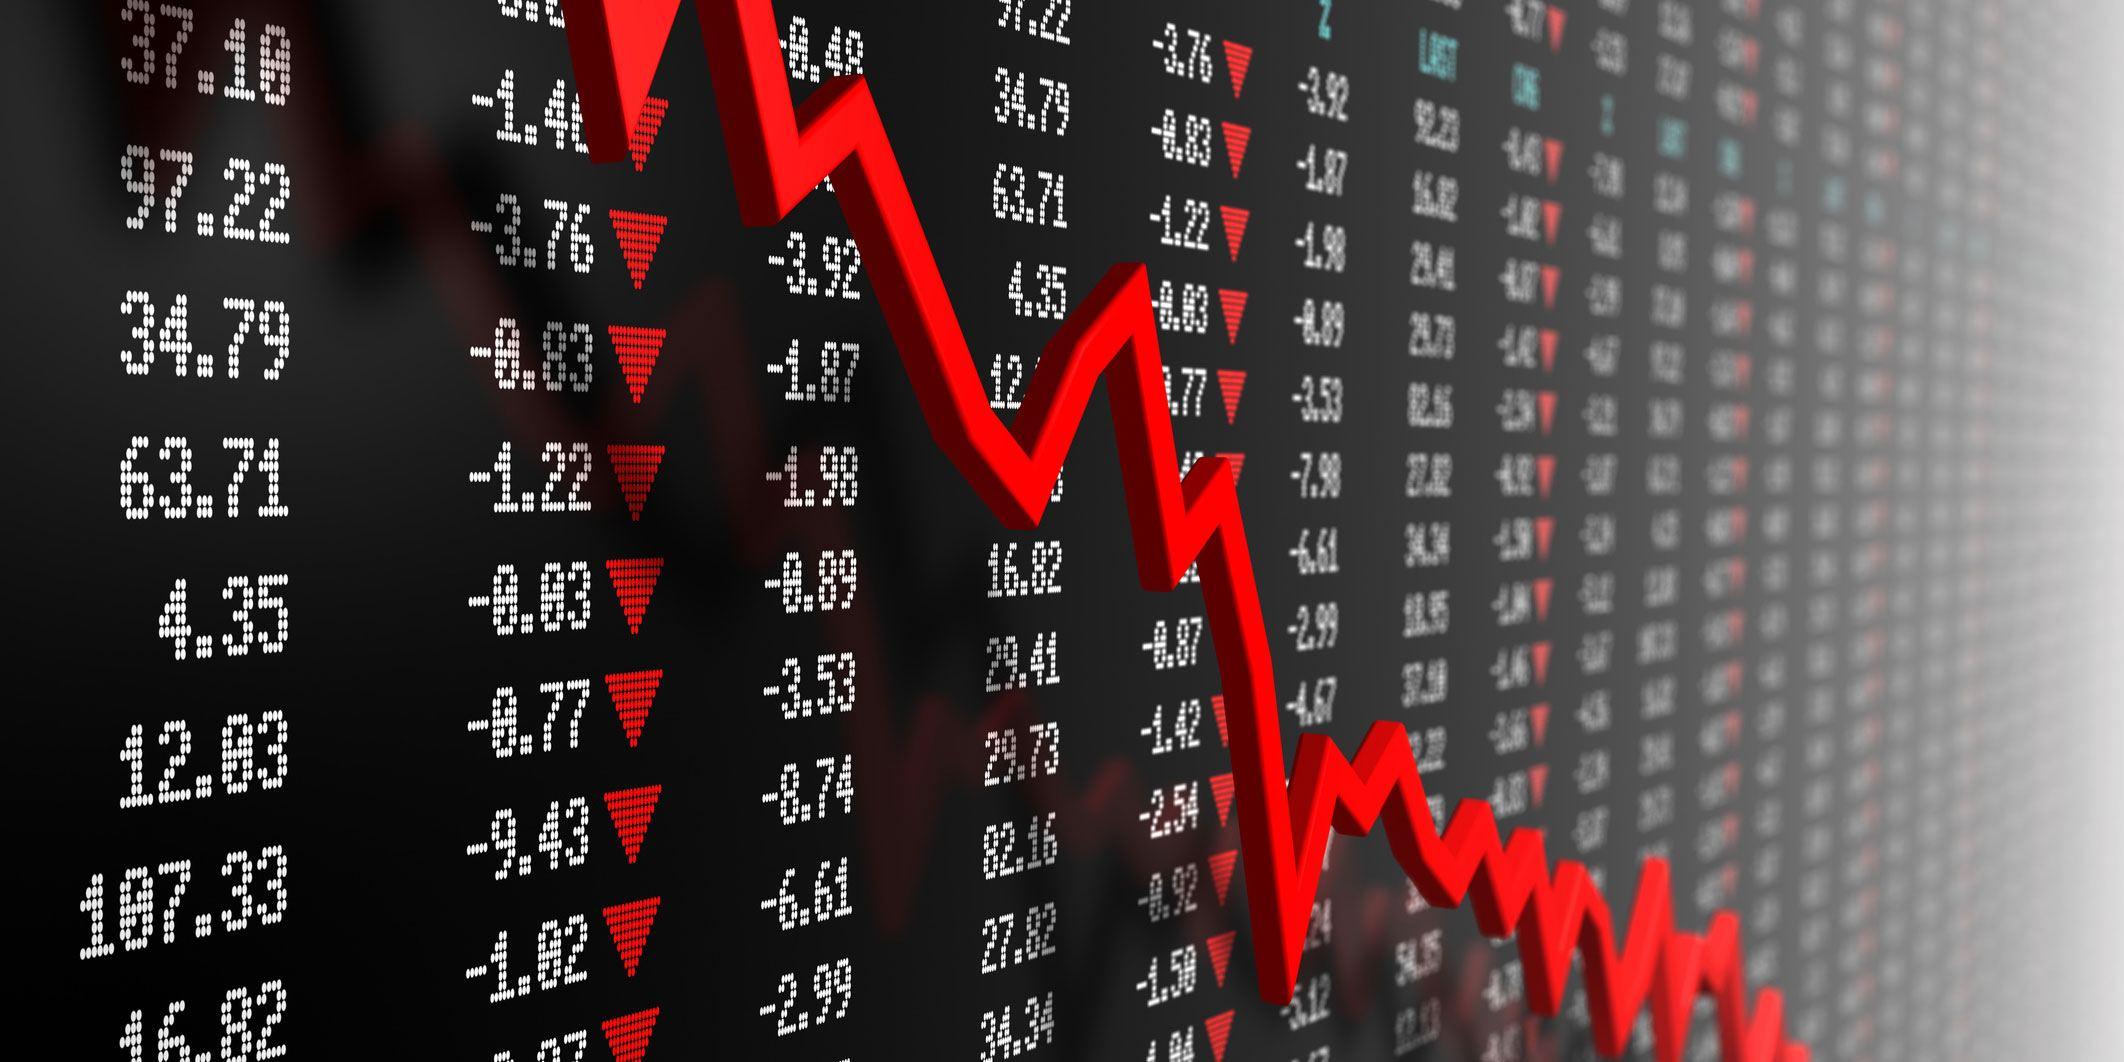 Sportech shares crash